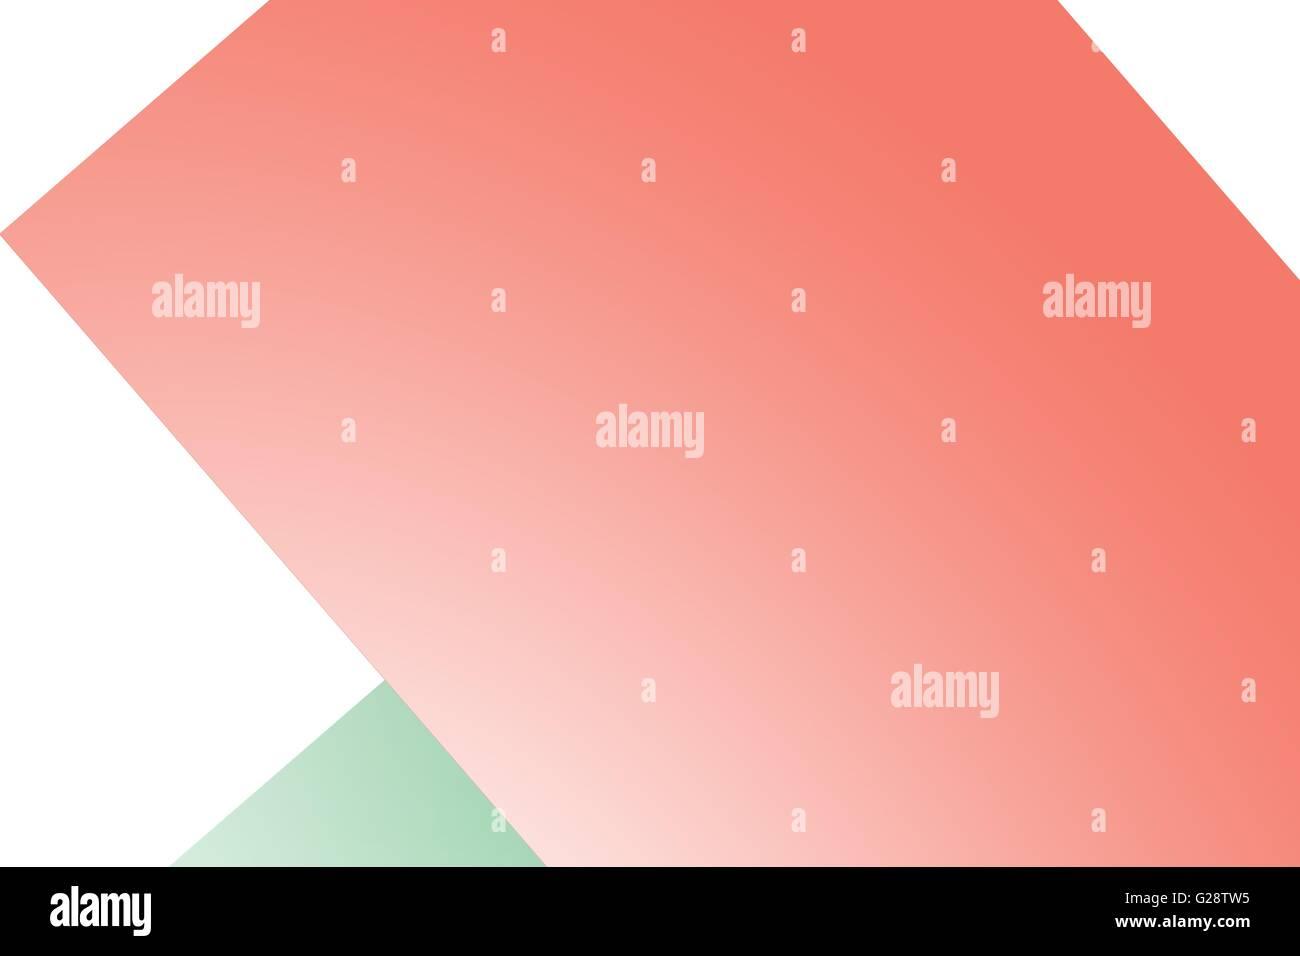 Image générée numériquement de formes géométriques Photo Stock